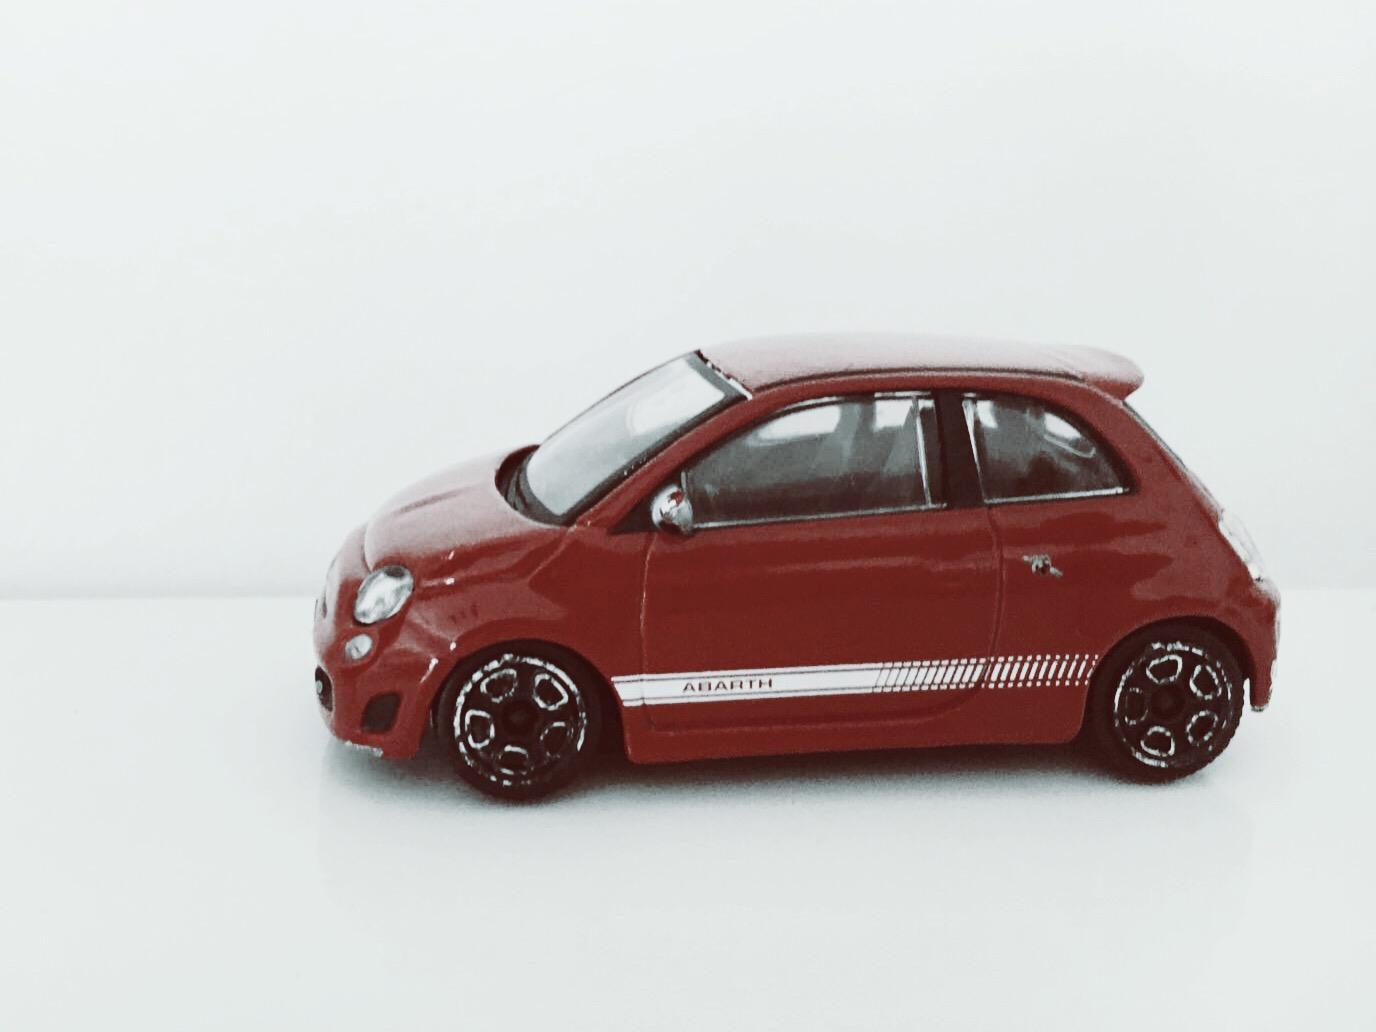 Costo tagliando Fiat 500 : differenza tra diesel e benzina.